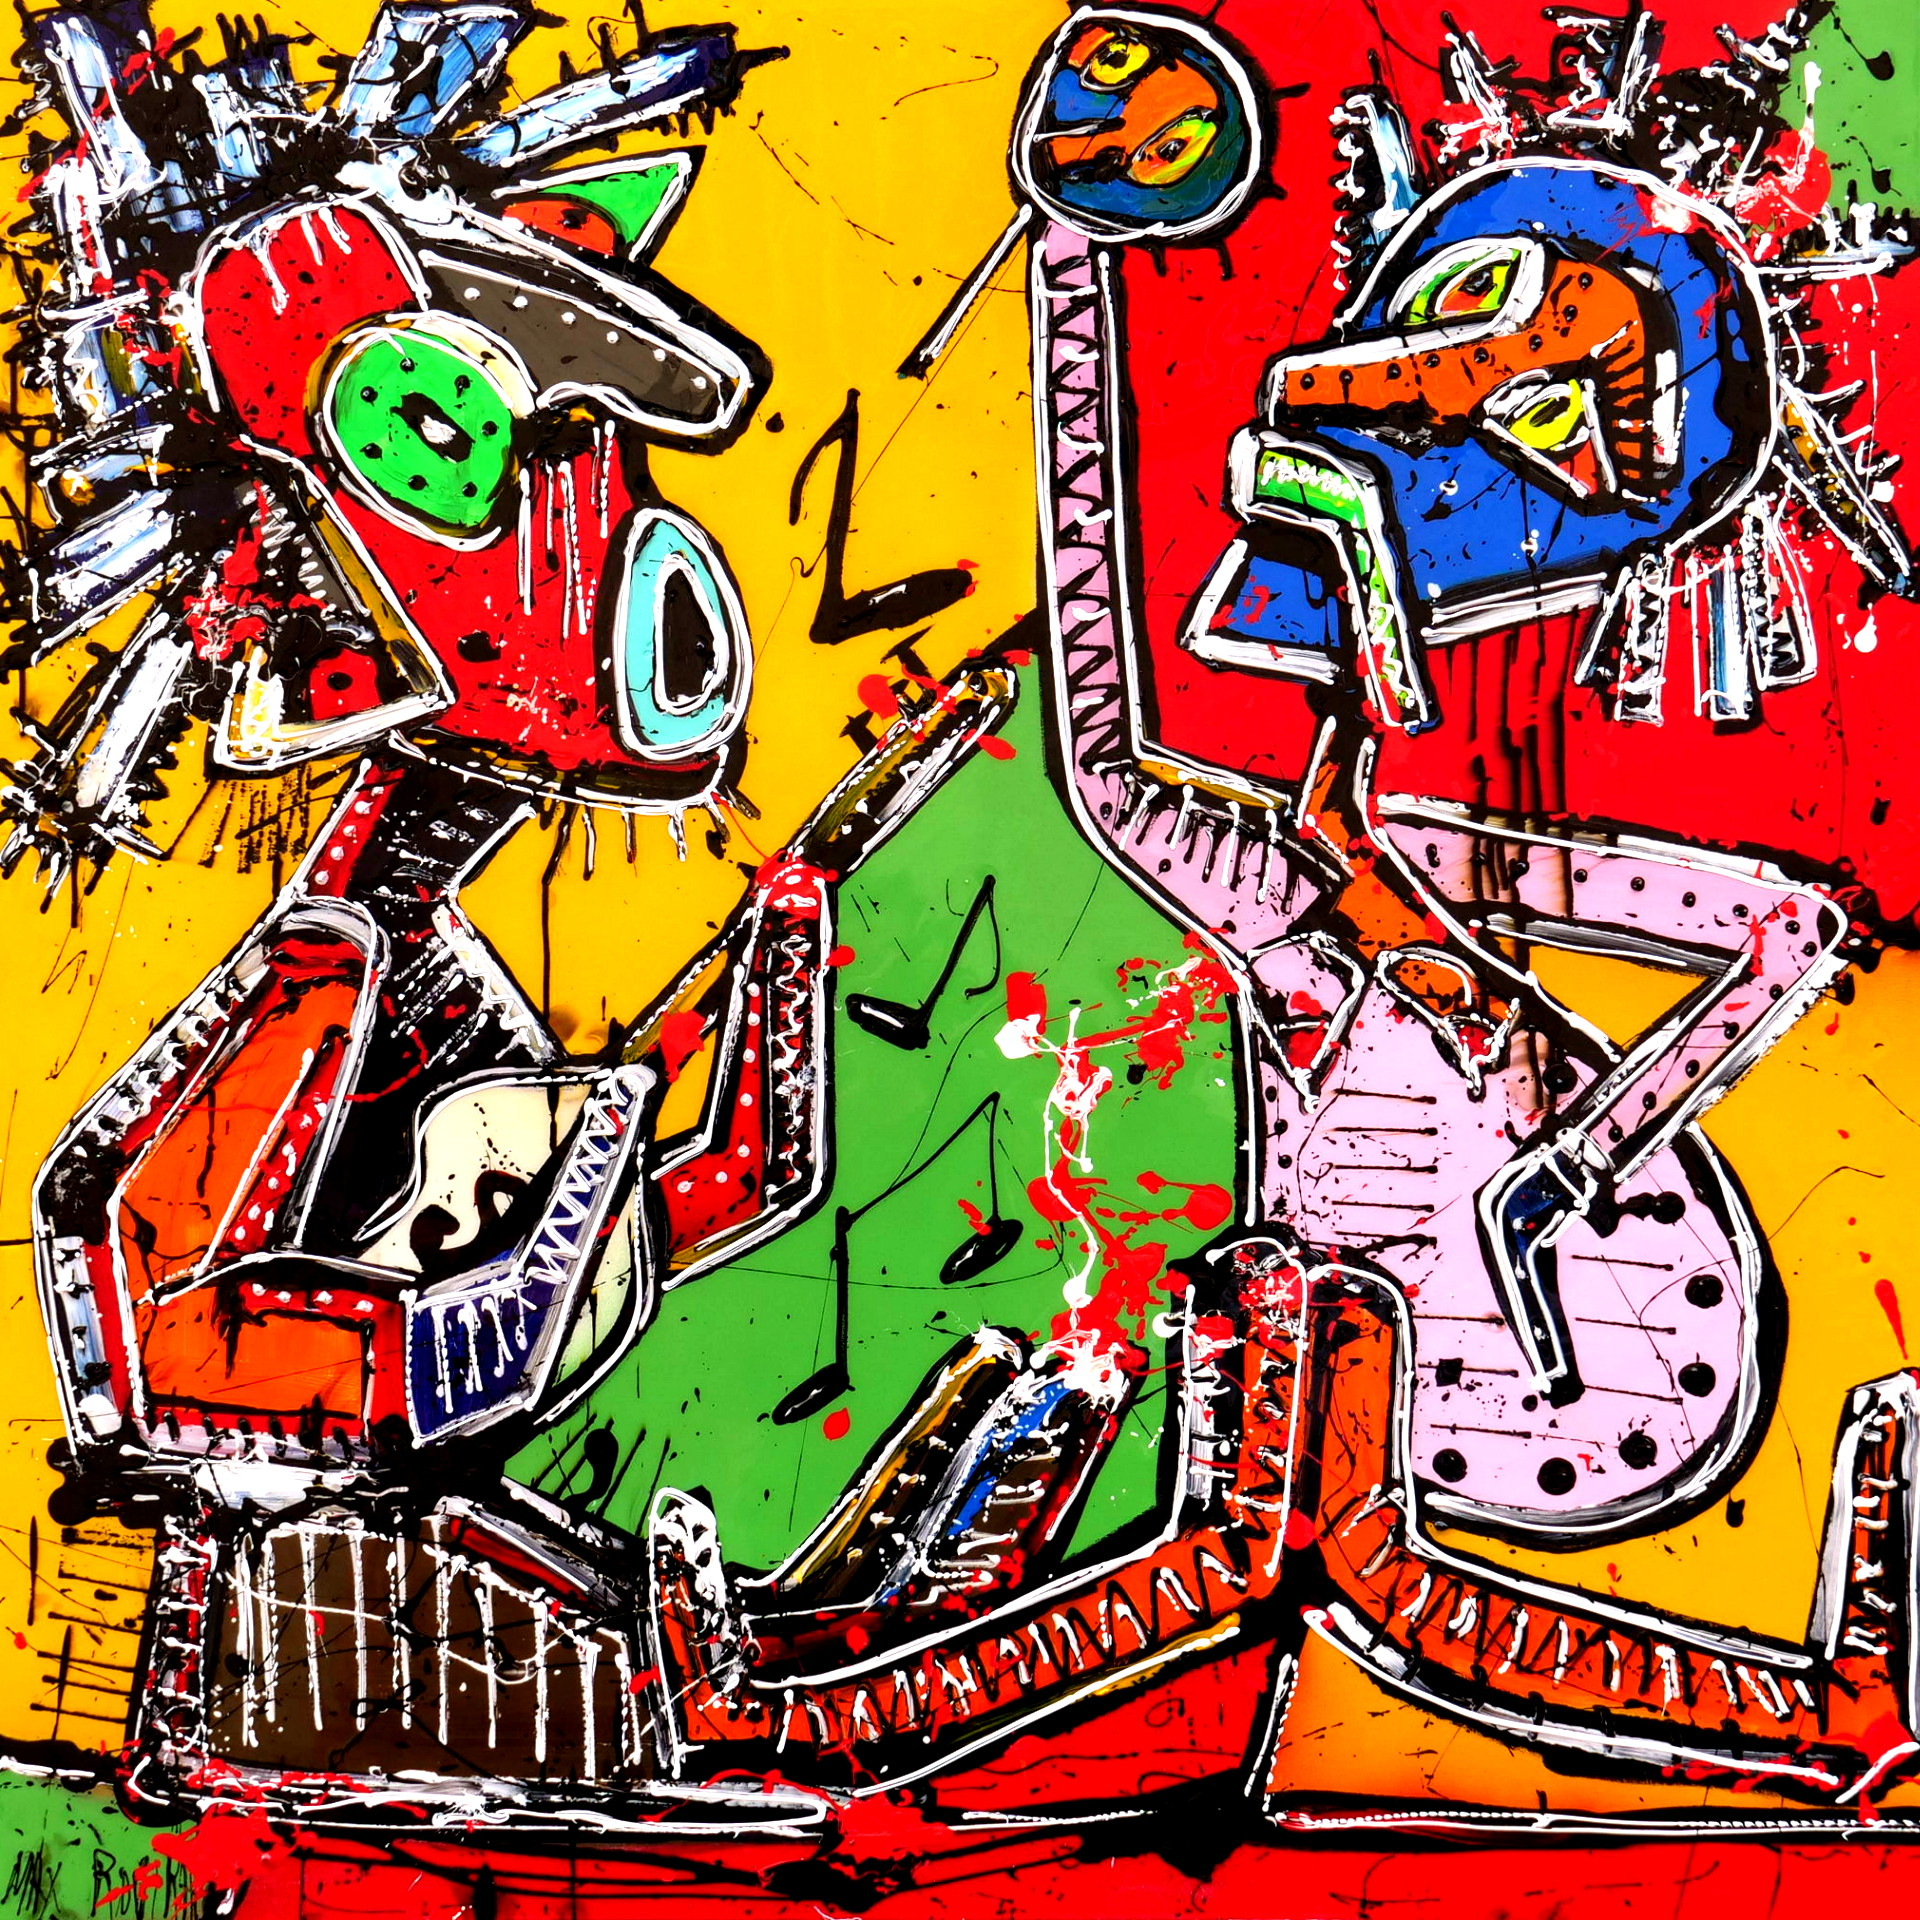 max rovira artiste peintre collioure sérénade à la guitare